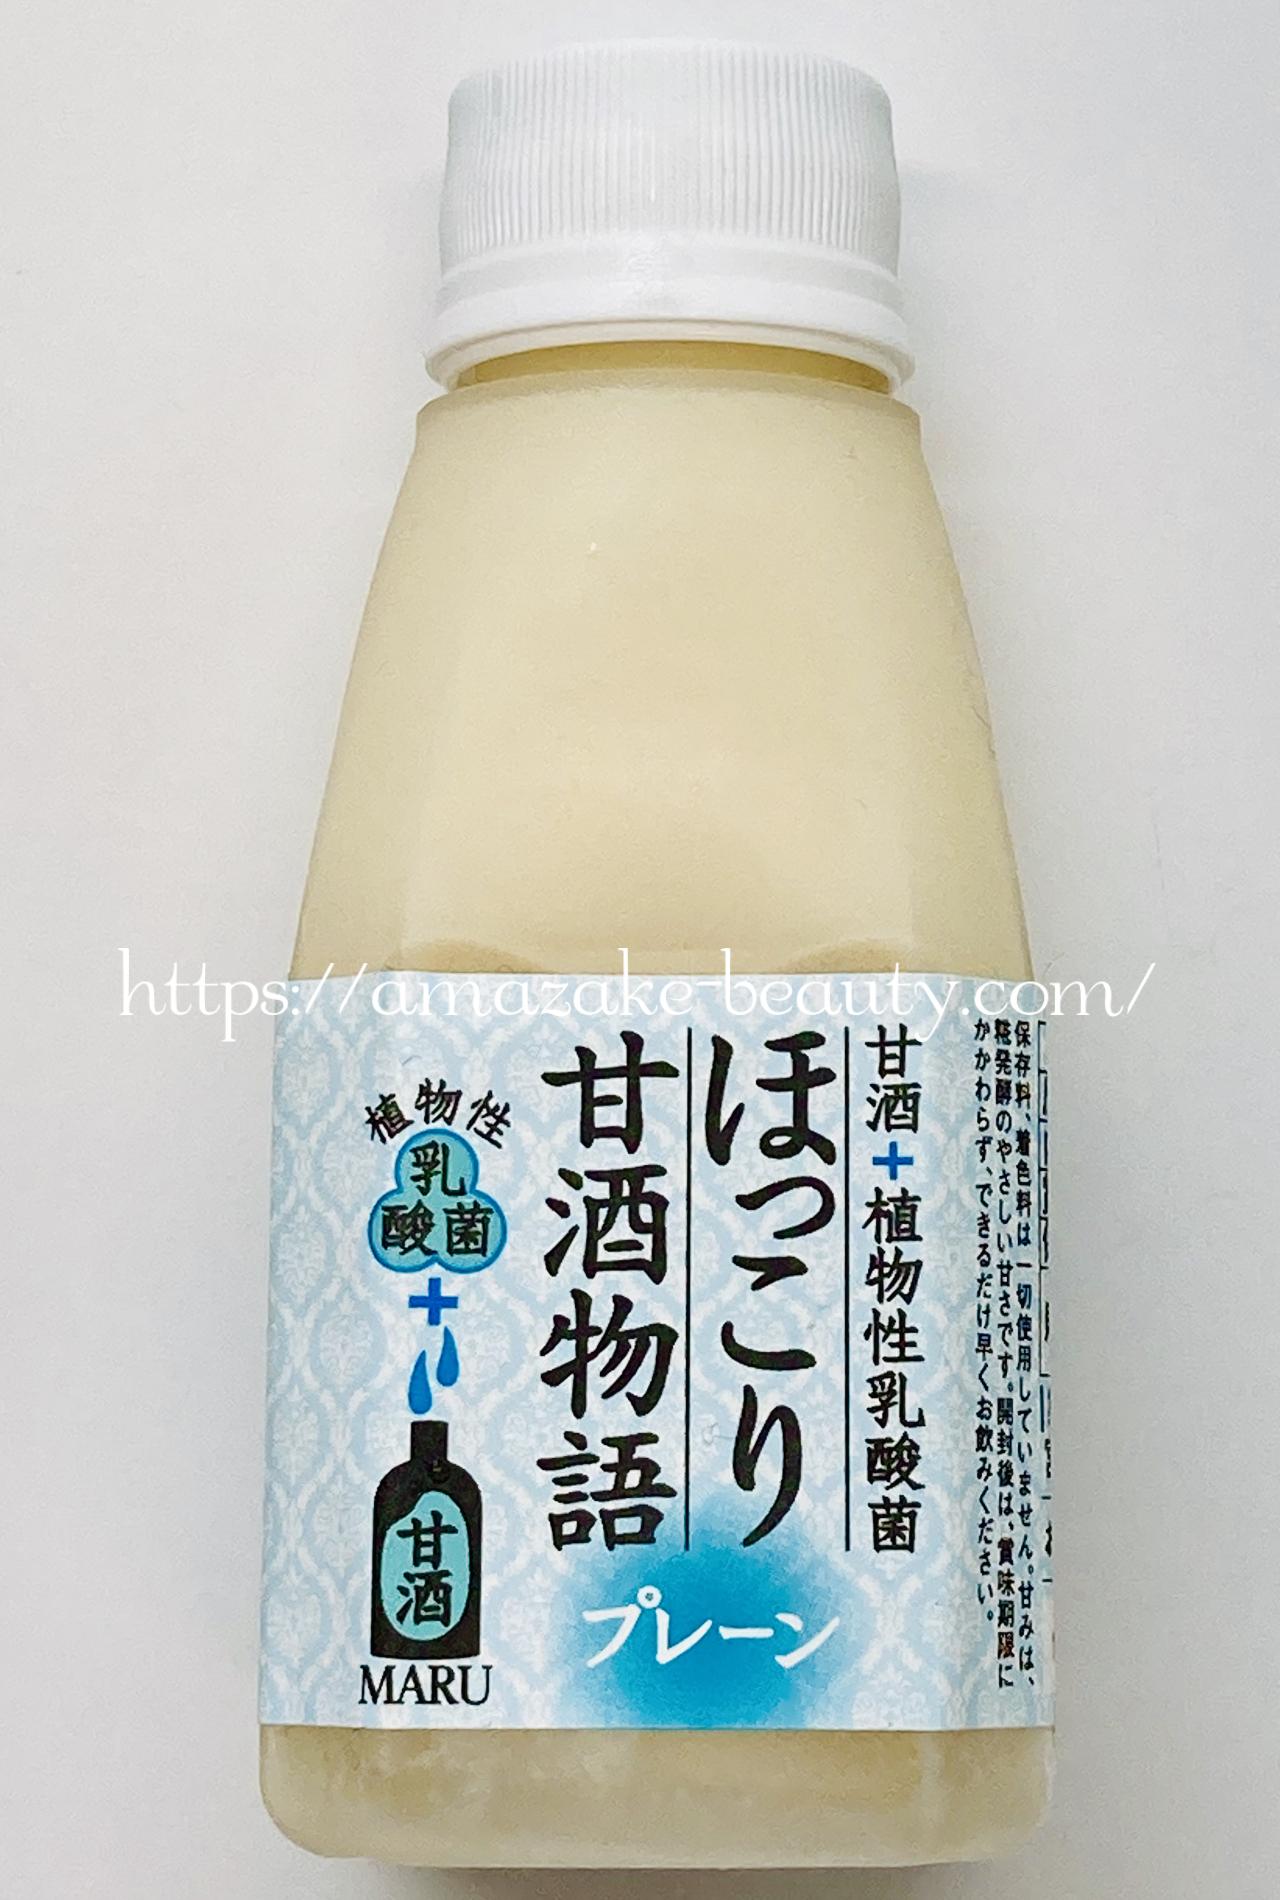 [amazake]maru[hokkori amazake monogatari(puren)](design)